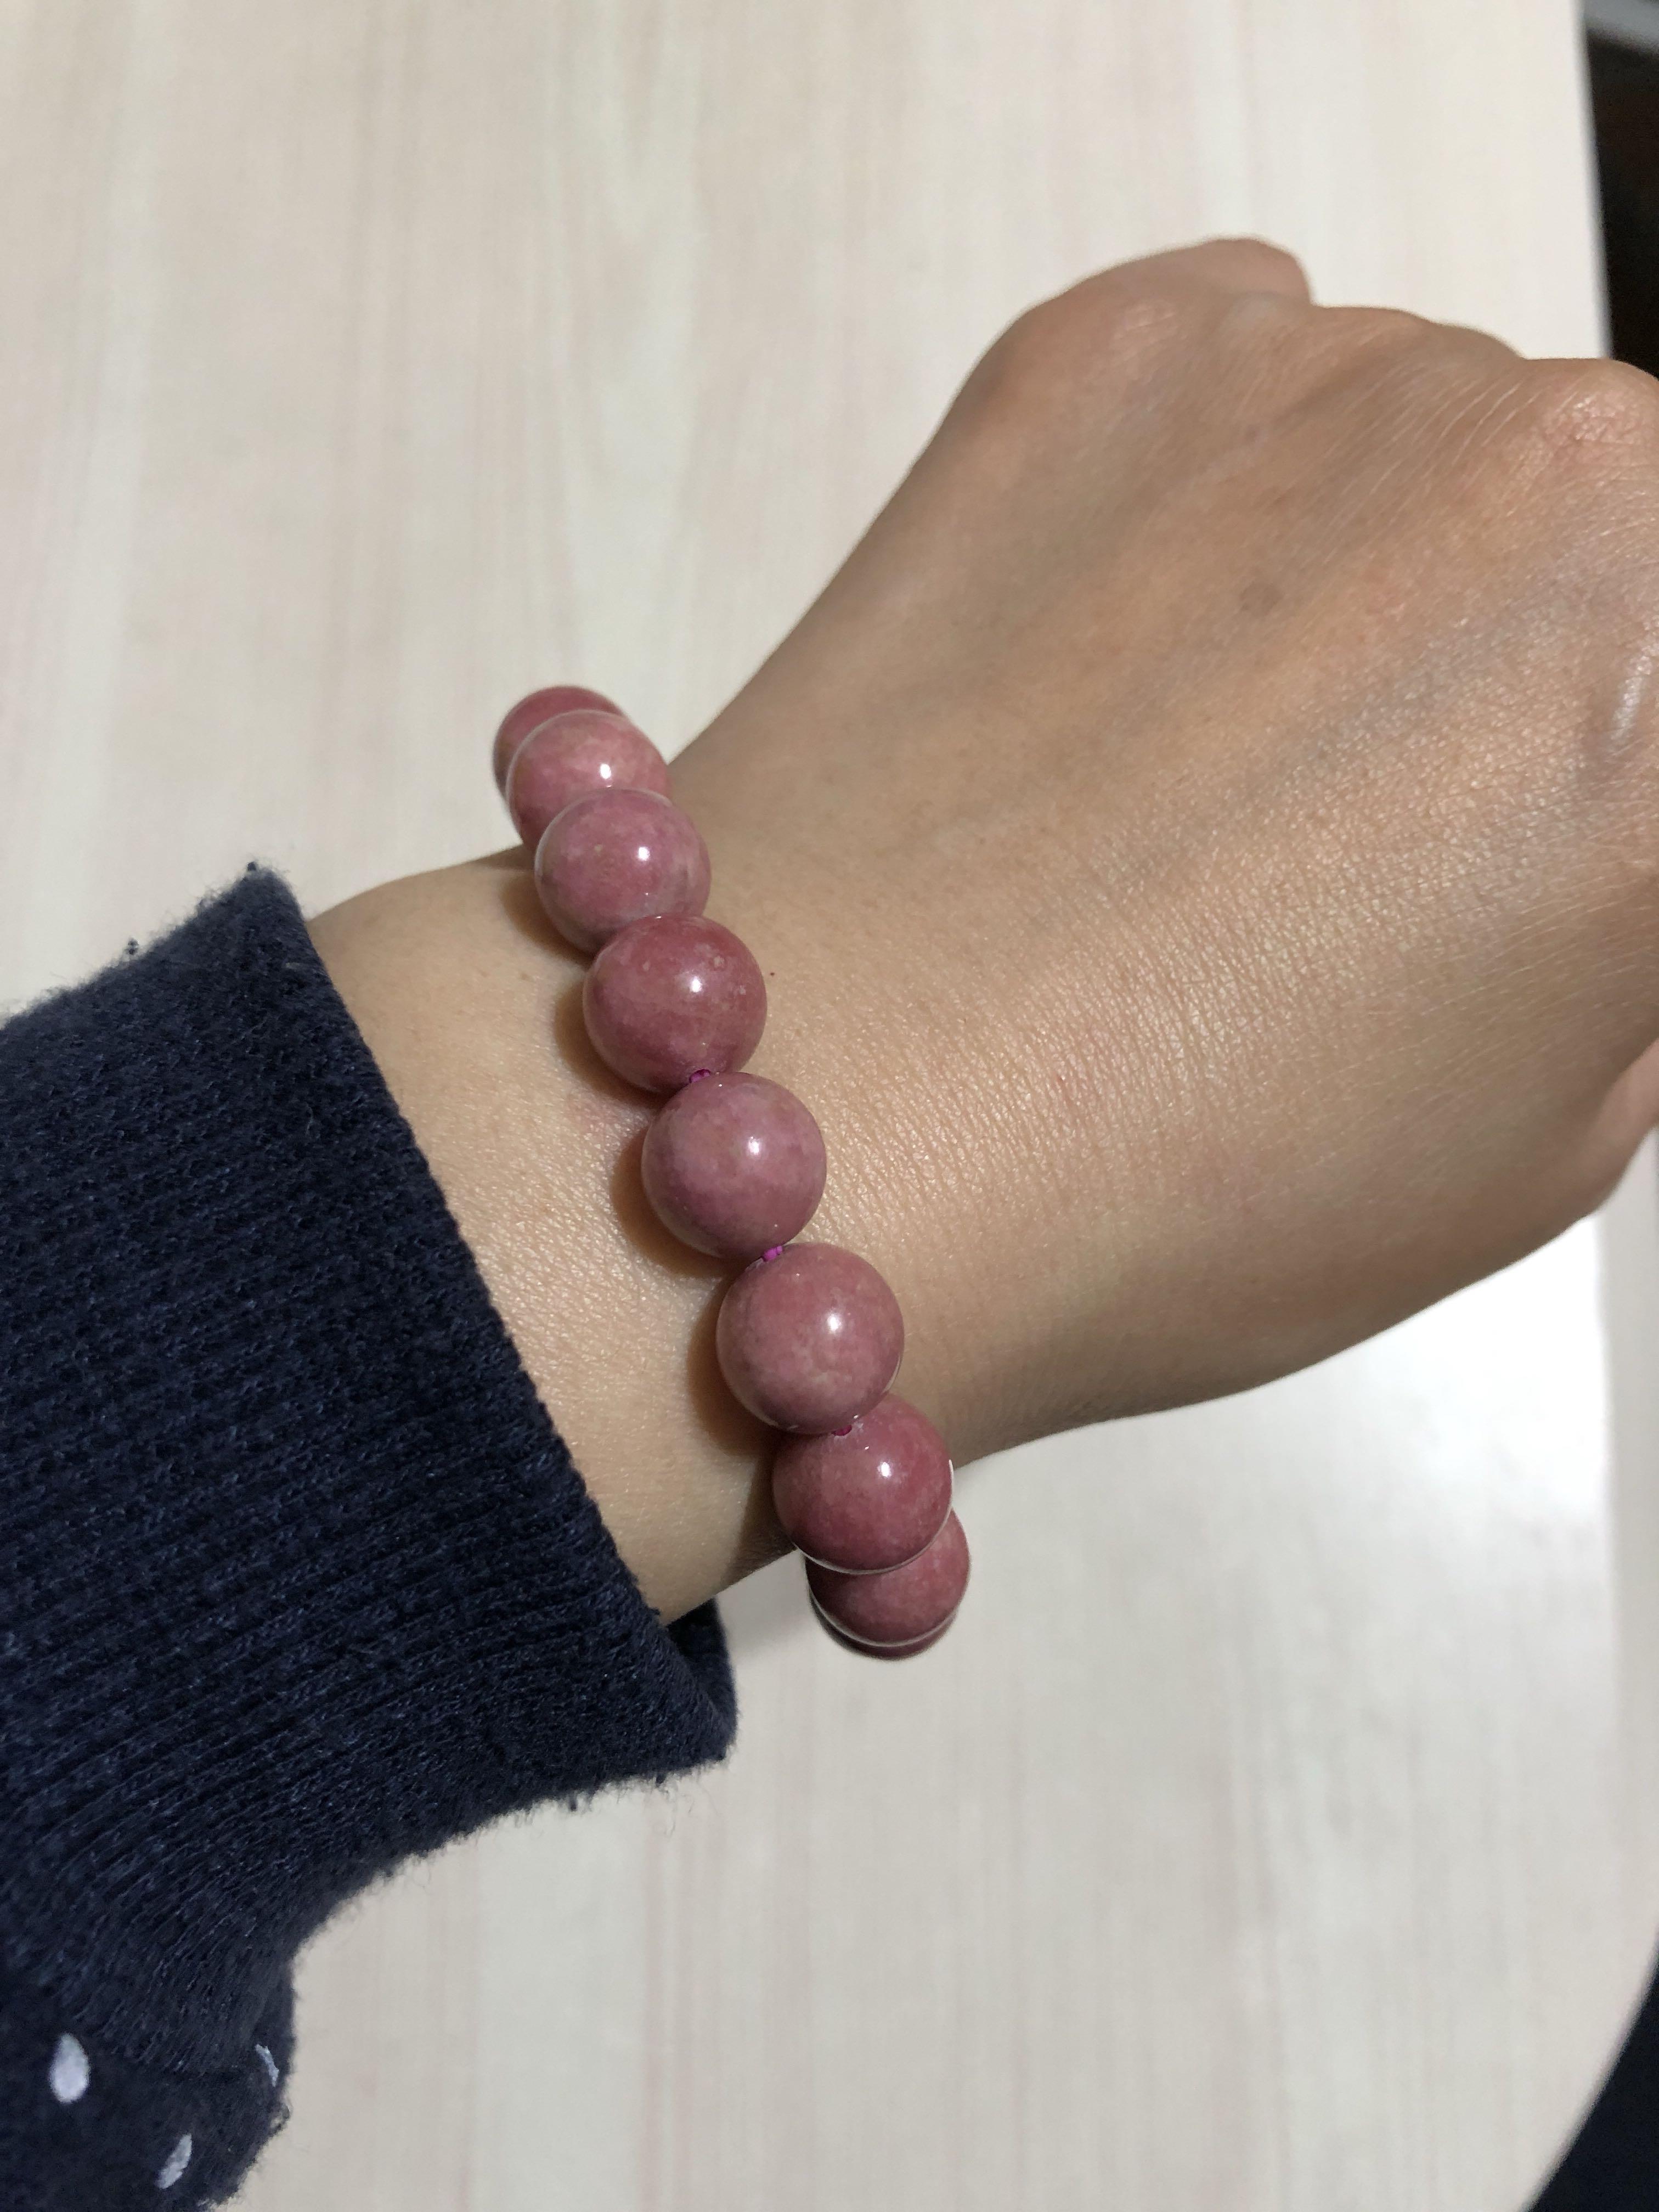 粉紅色-坦桑幼蓮石/手珠手鍊8mm